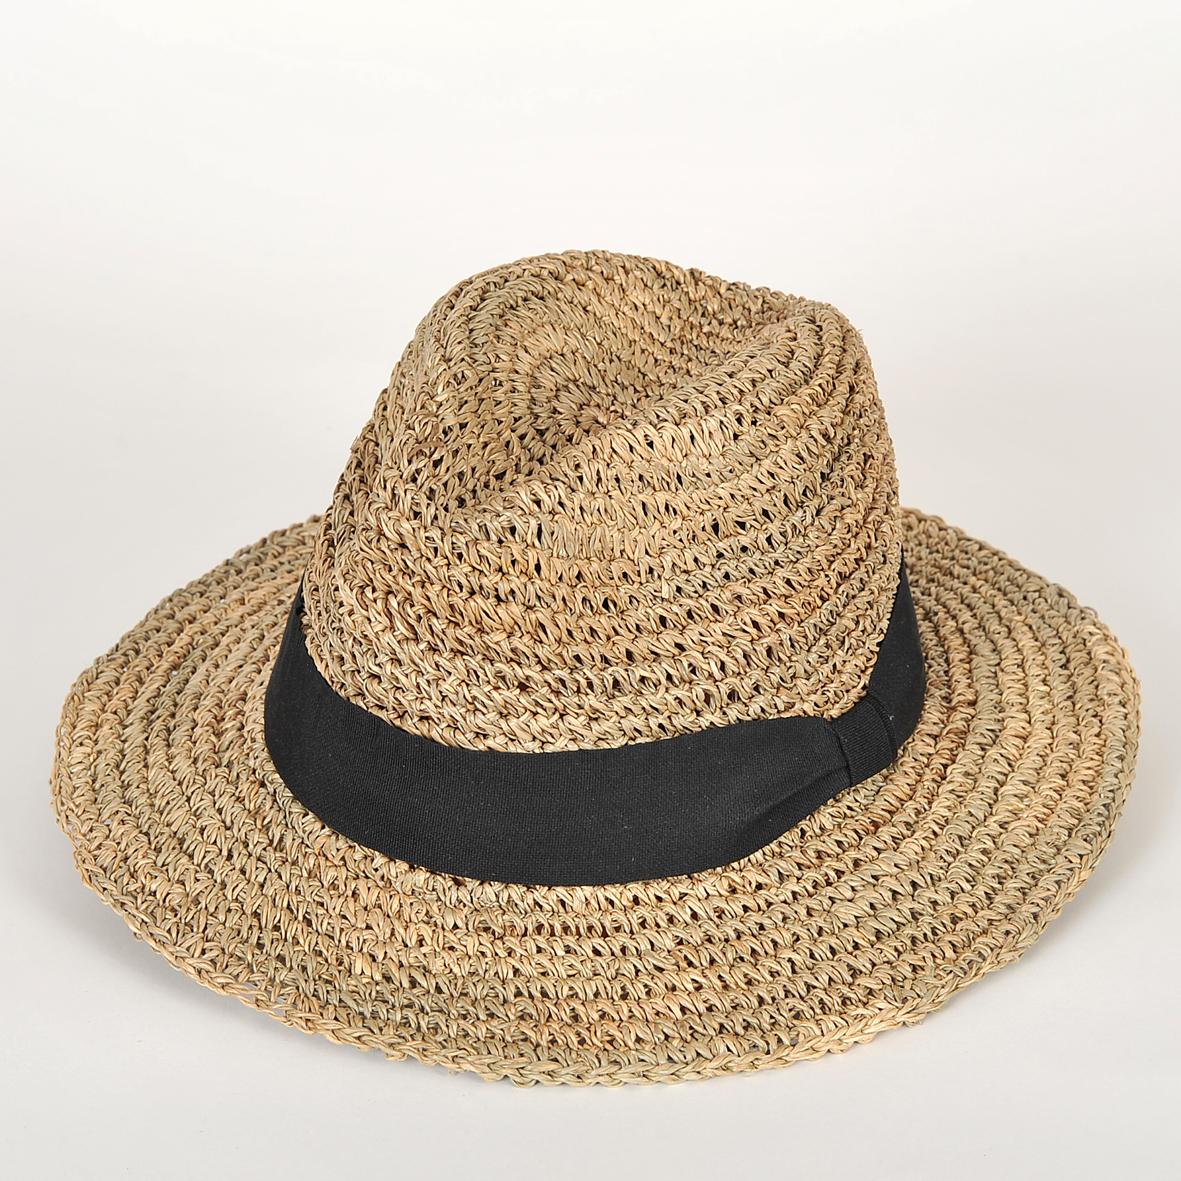 chapeau de paille homme gabrio seagrass crochet l. Black Bedroom Furniture Sets. Home Design Ideas